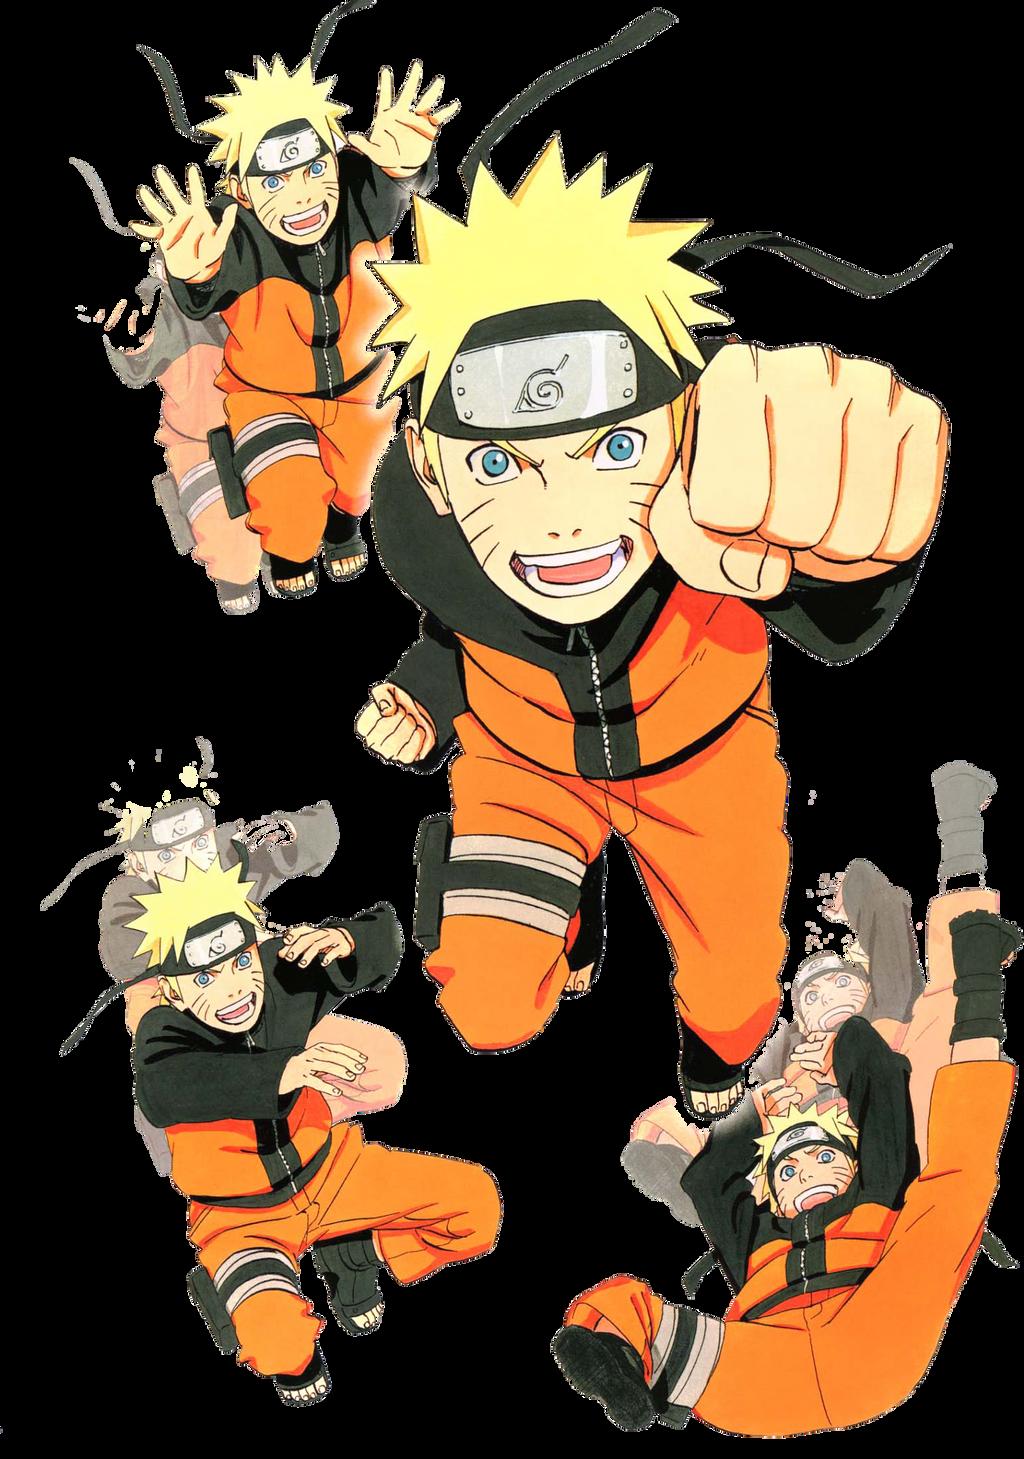 9000 Gambar Anime Hd Png HD